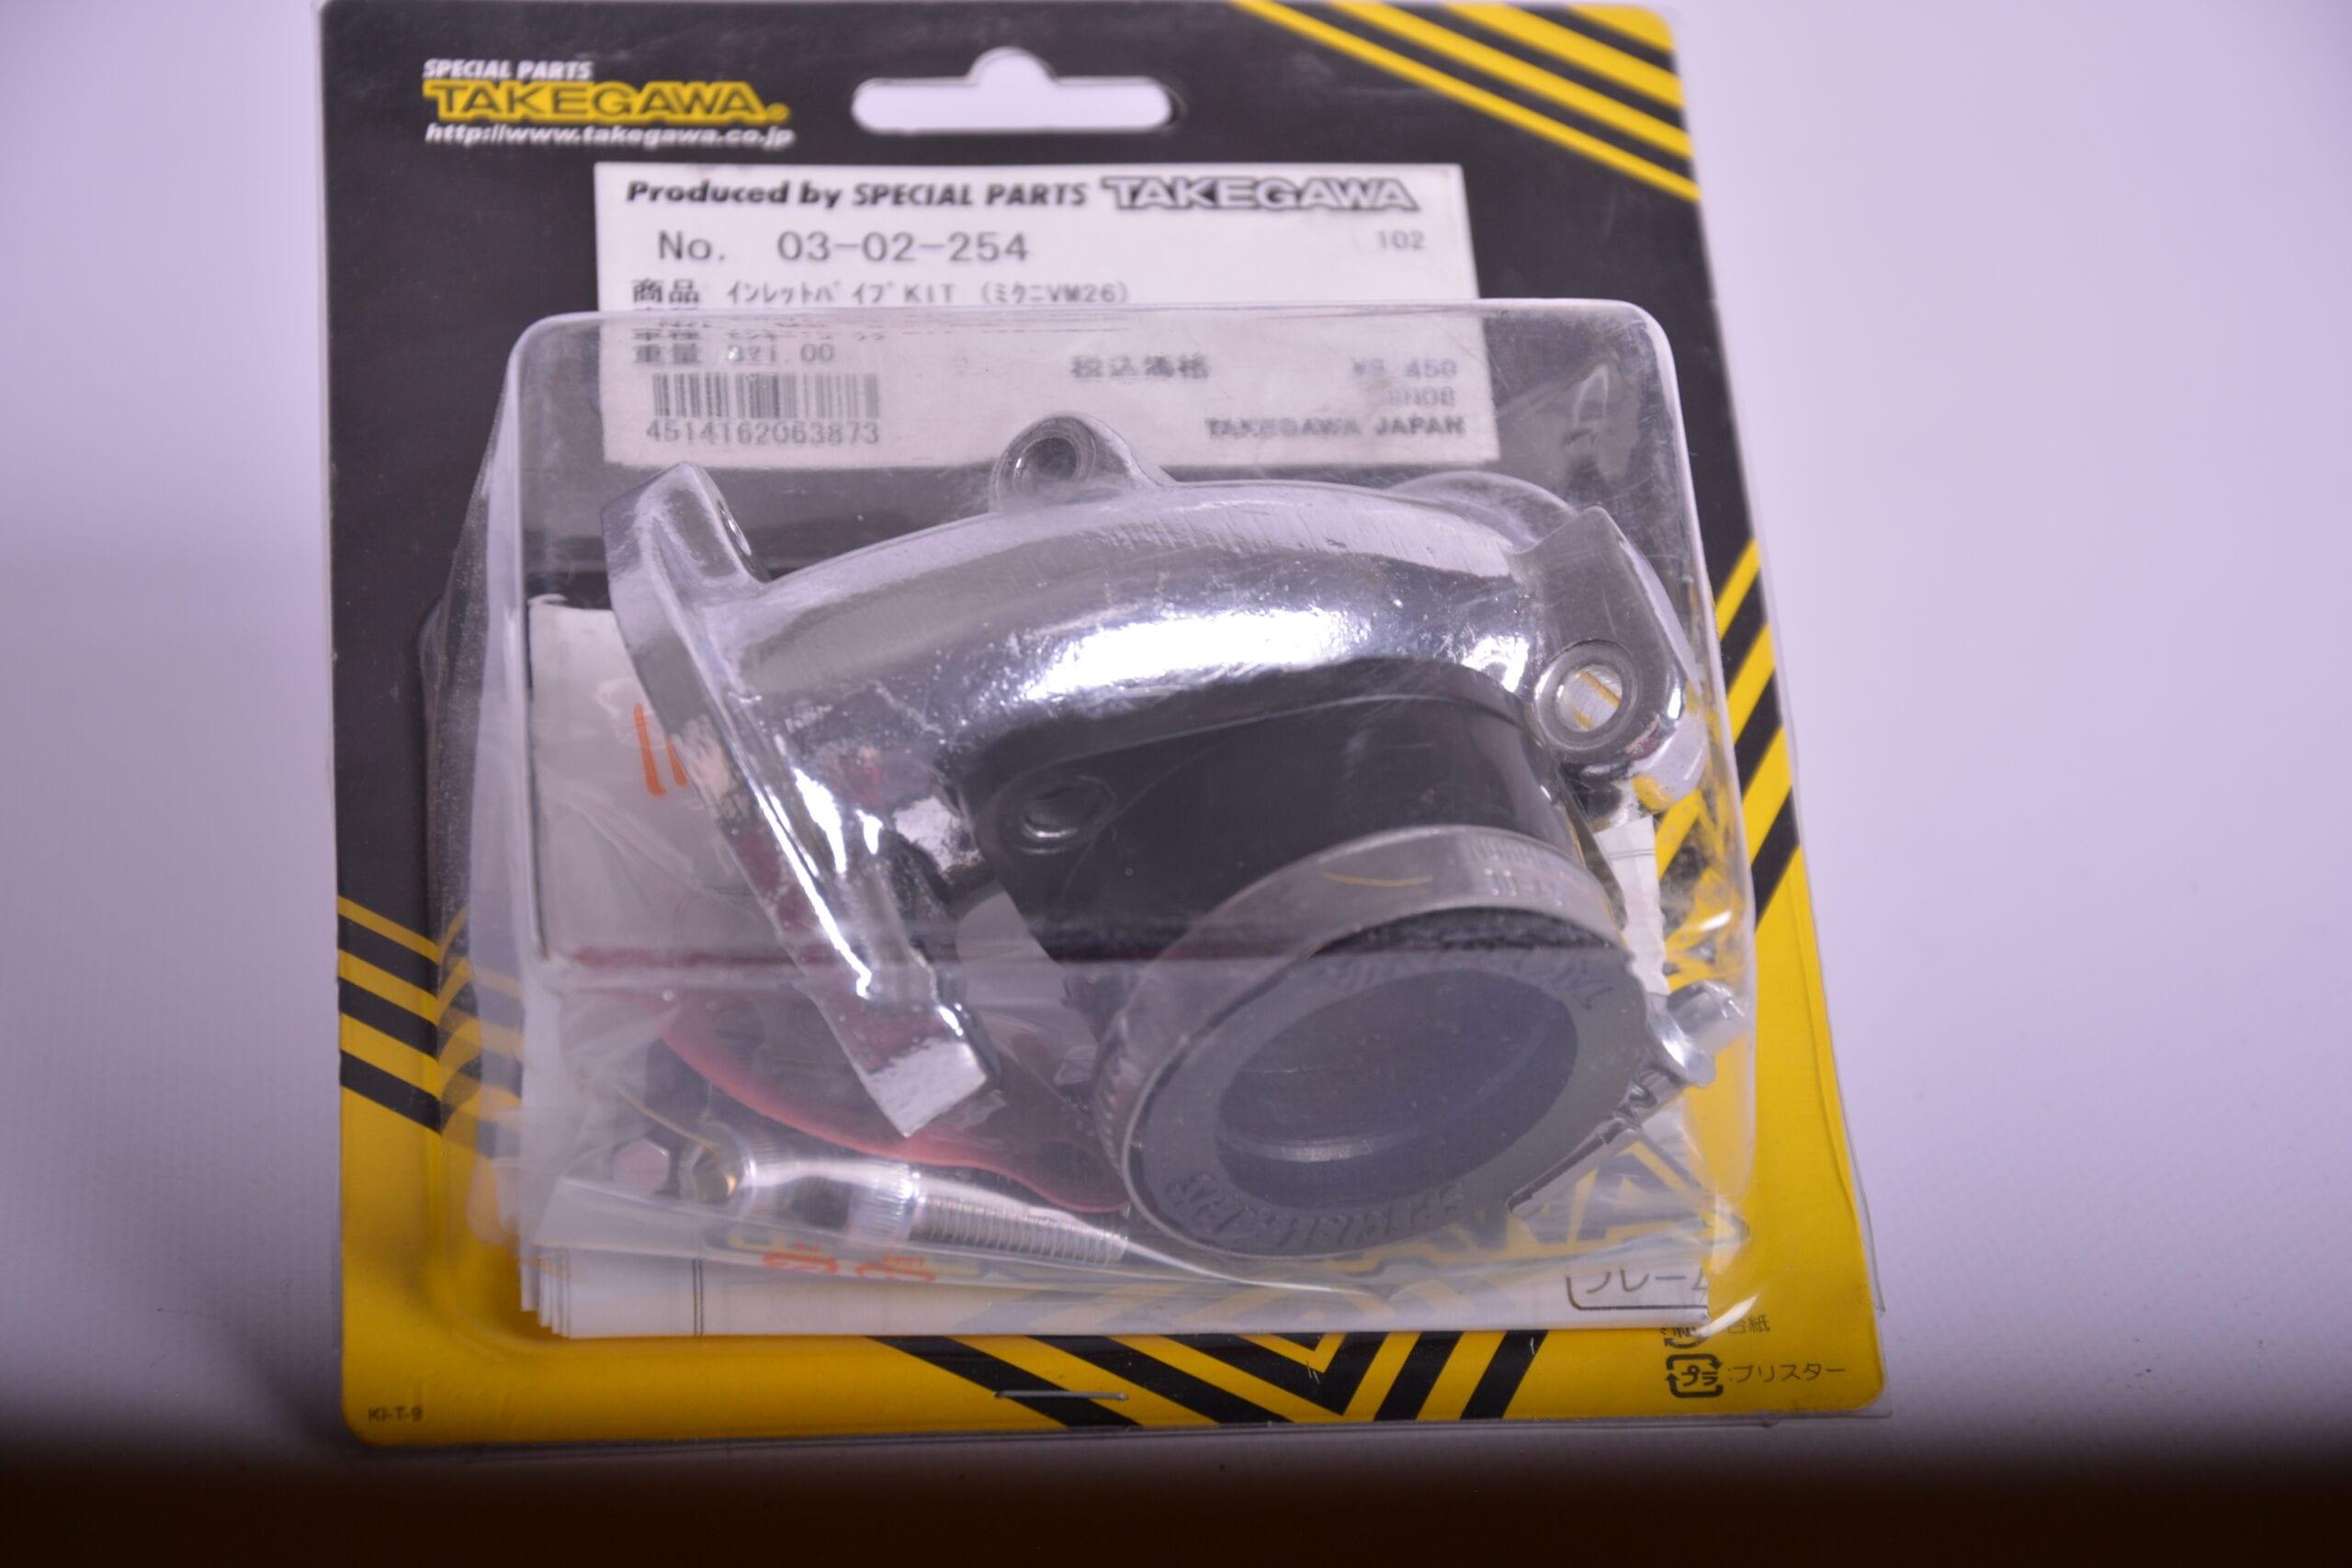 03-02-254 Takegawa manifold VM26 left